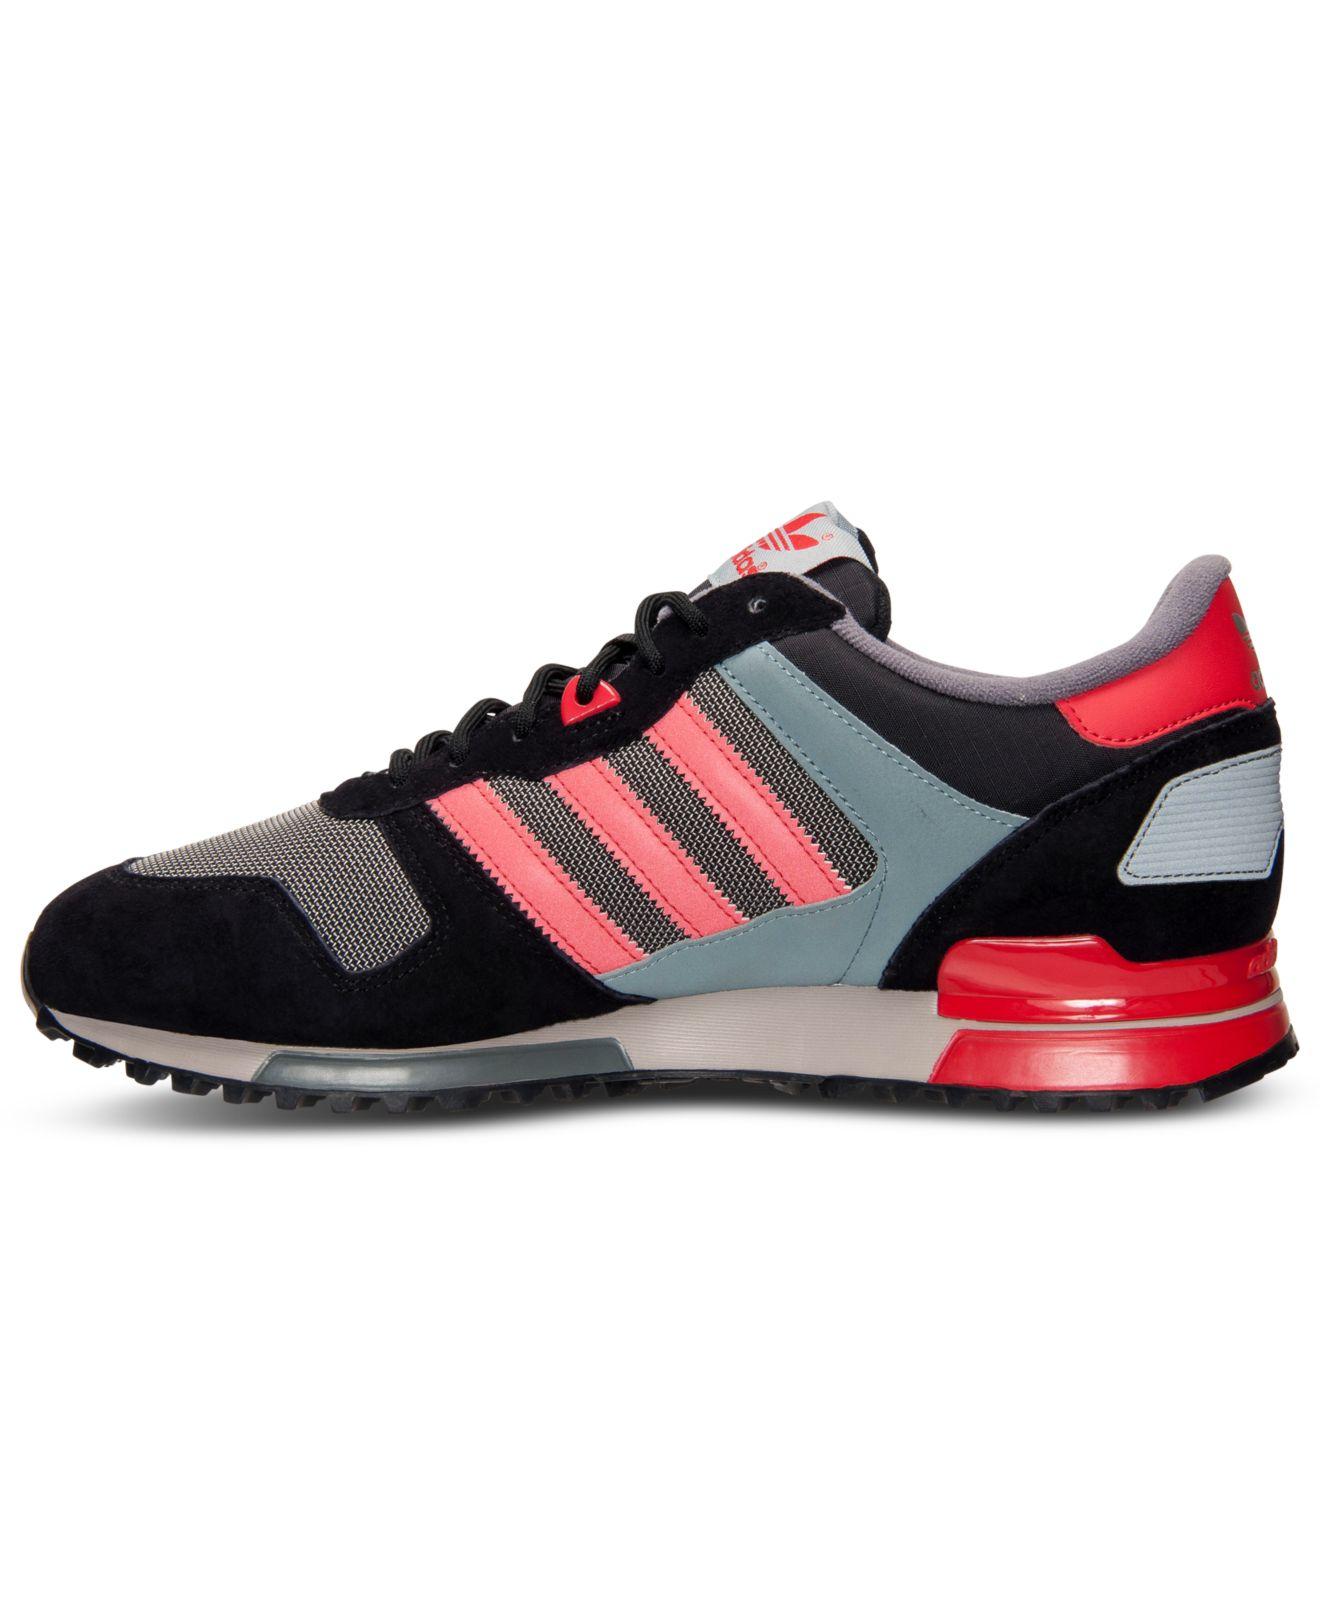 separation shoes 02fed 7212b Lyst - adidas Originals Originals Men's Zx 700 Casual ...